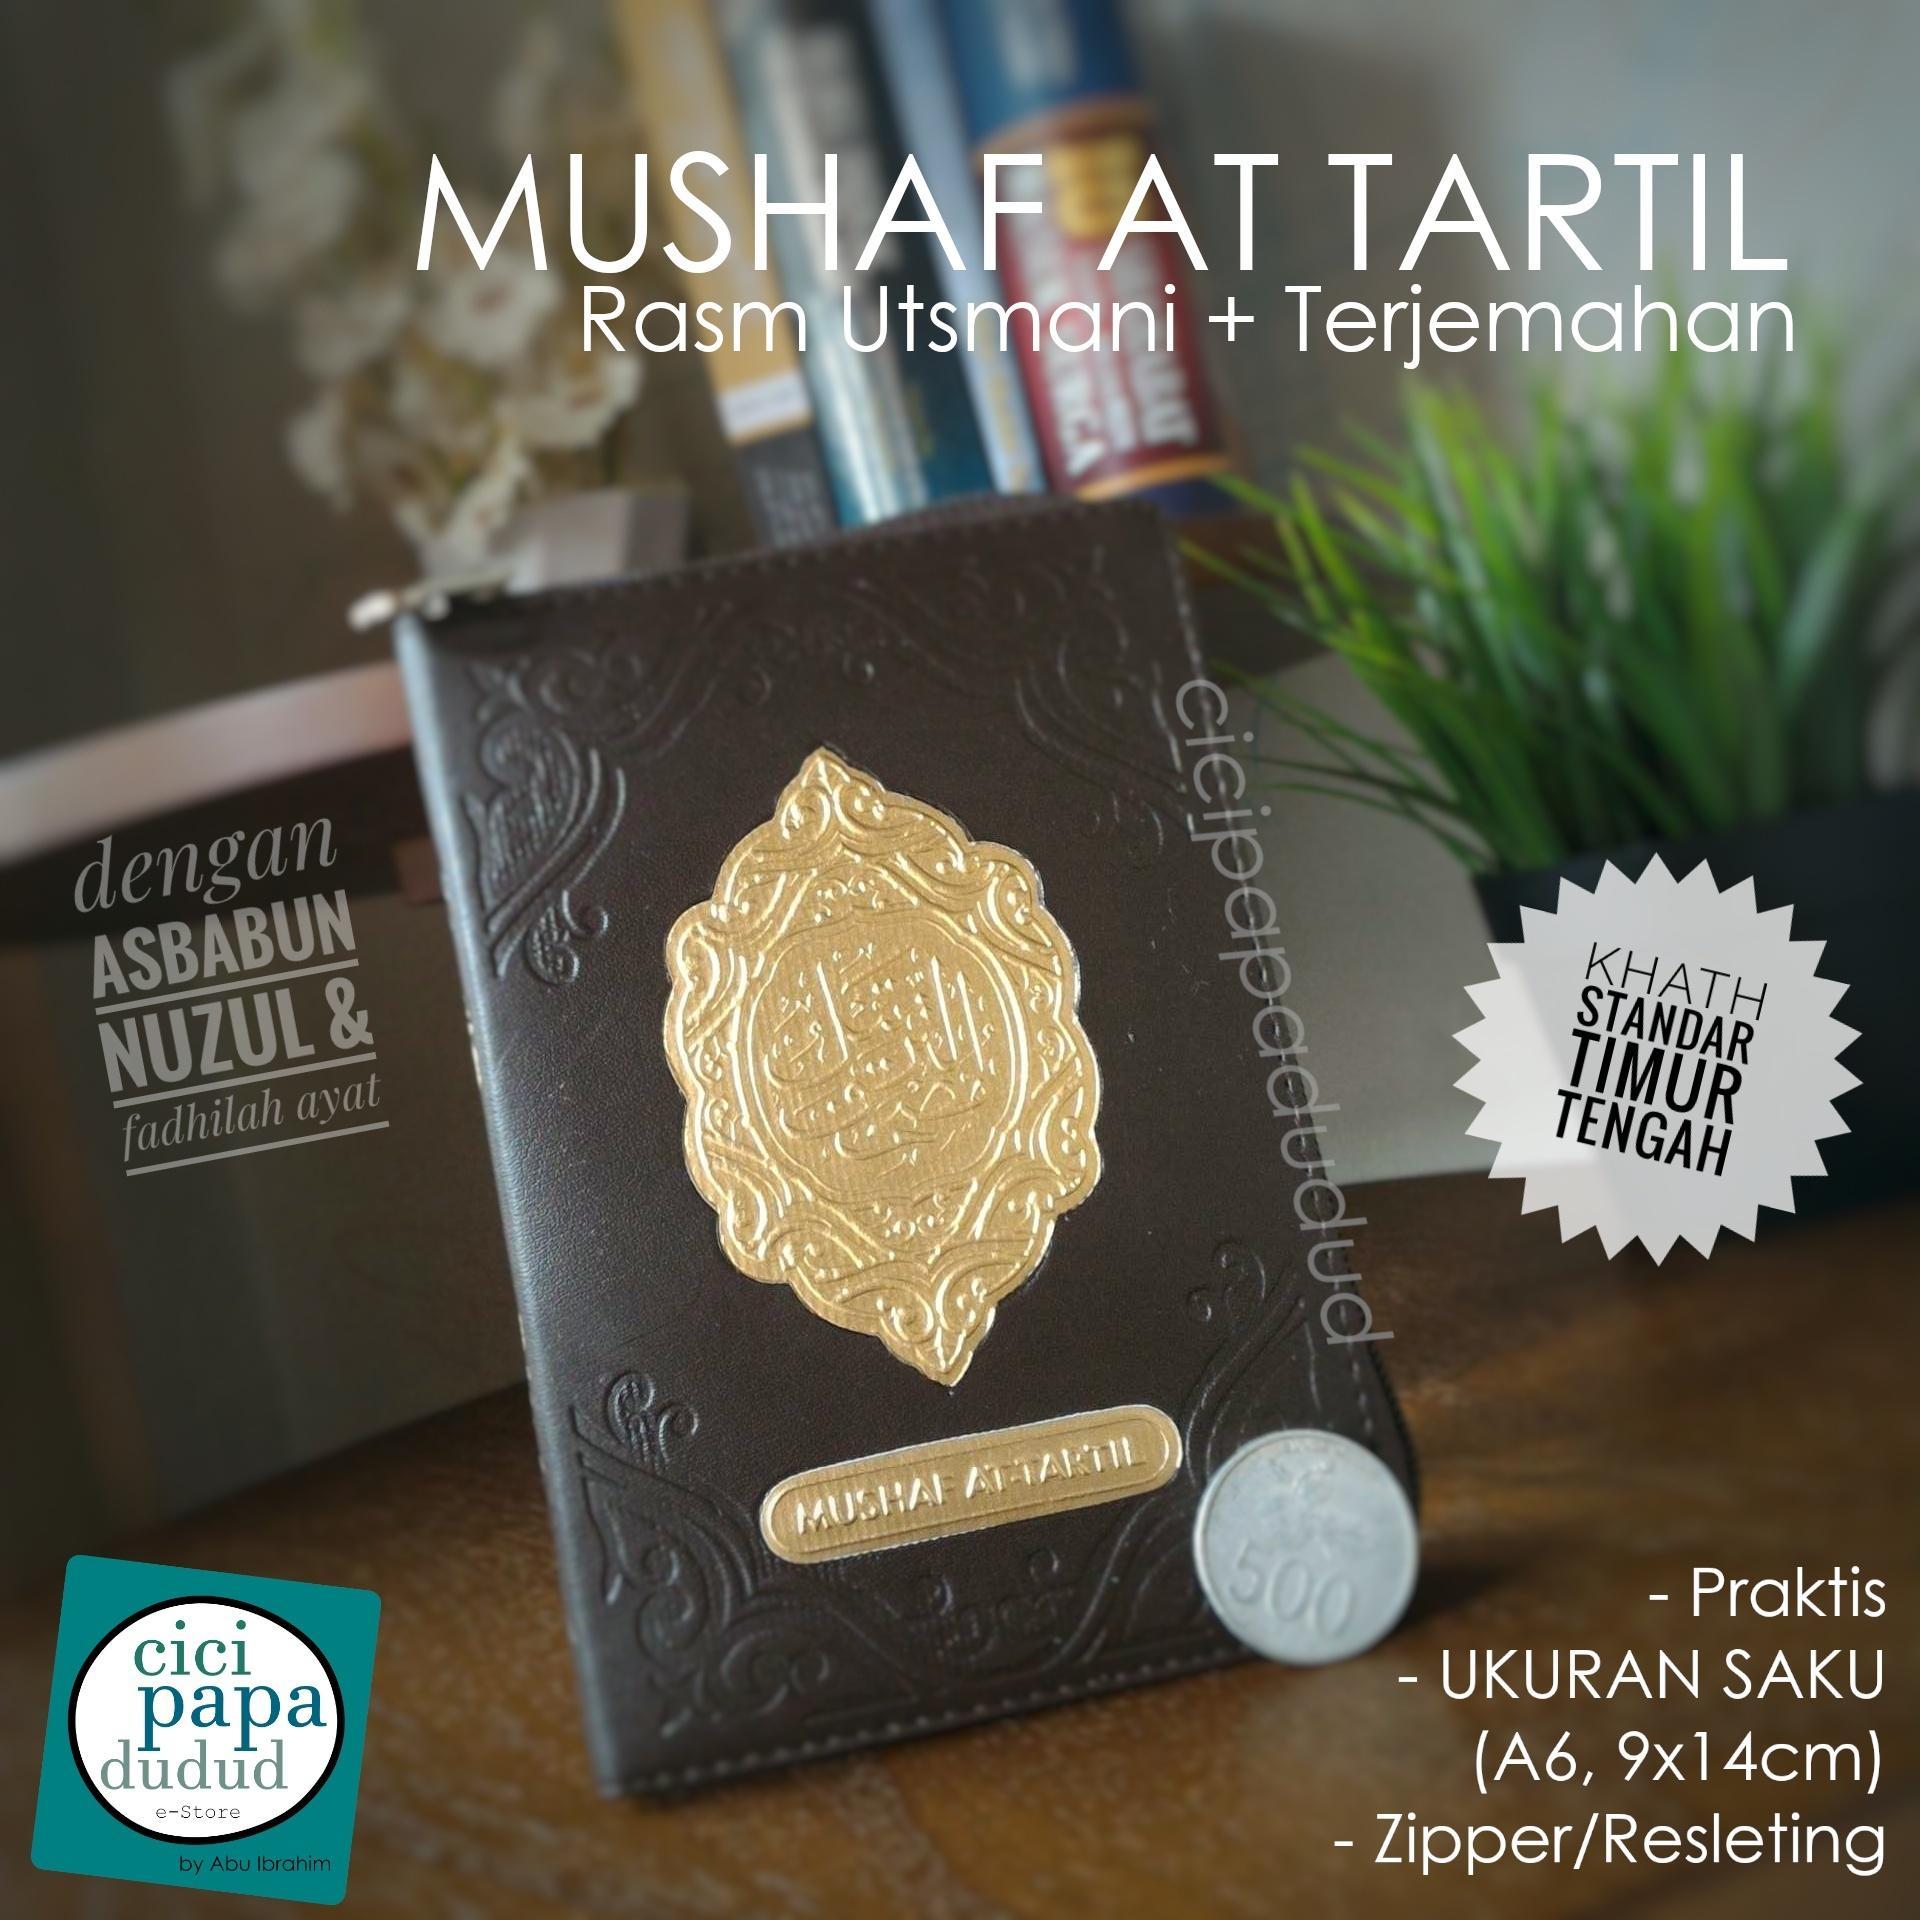 Mushaf AlQuran AT TARTIL Utsmani Madinah + Terjemahan + Asbabun Nuzul